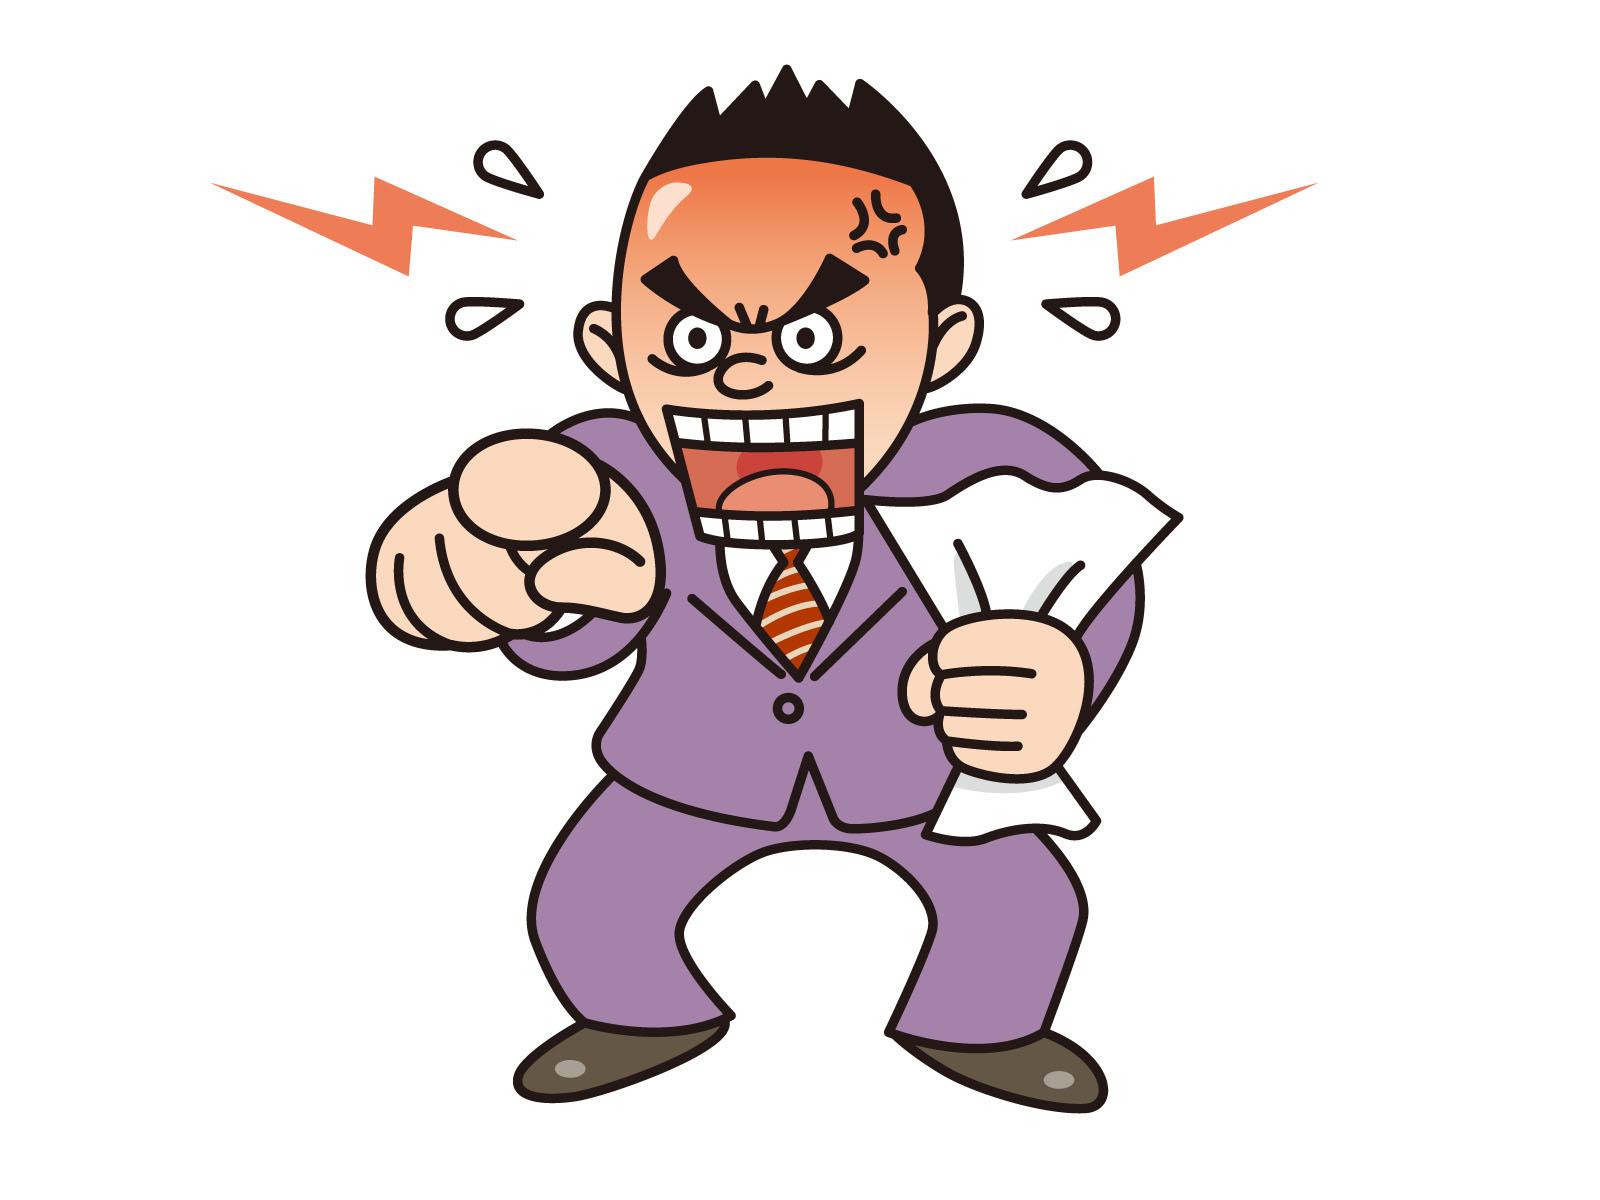 成功者の特徴とそうでない人の特徴 挫折を乗り越えた人だけが口癖にする言葉 千田琢哉